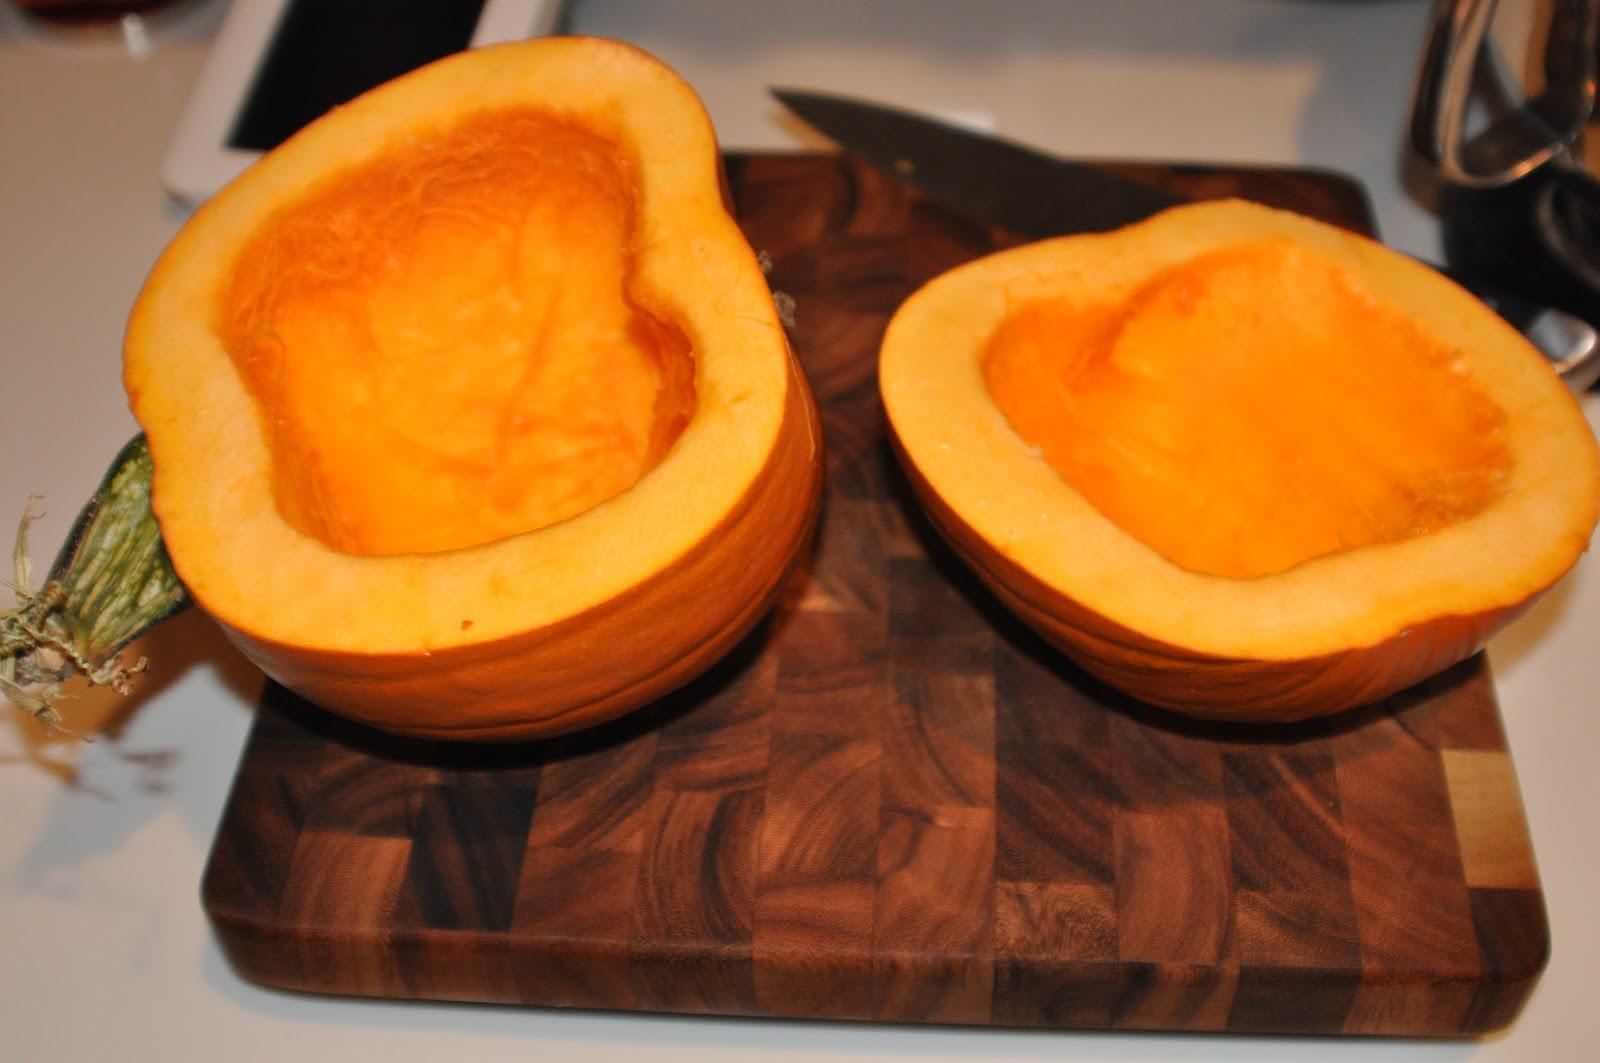 lunchbox limbo: Savory Pumpkin Casserole